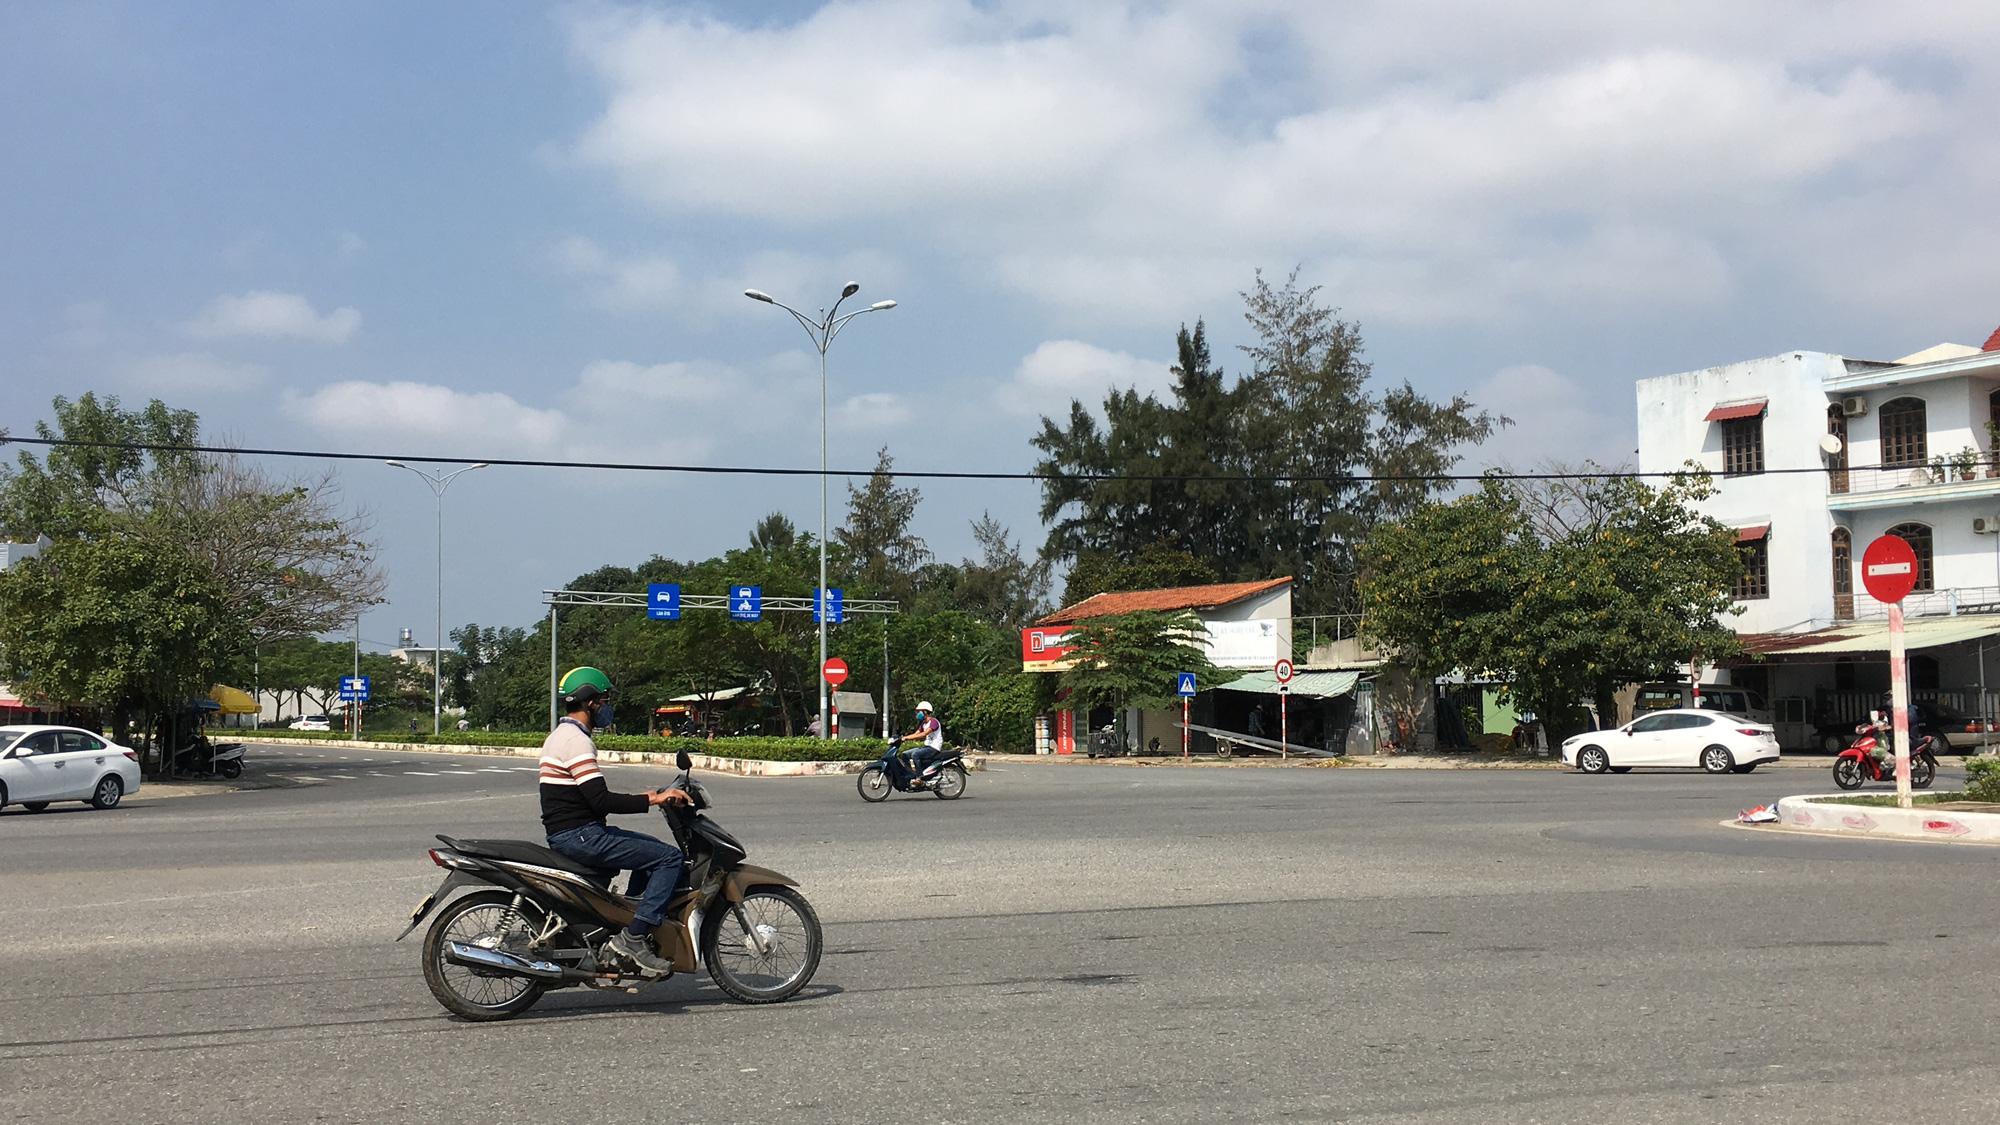 Cận cảnh nơi Đà Nẵng làm cầu, đường qua sông Cổ Cò, đường vành hơn 1.400 tỉ đồng - Ảnh 2.